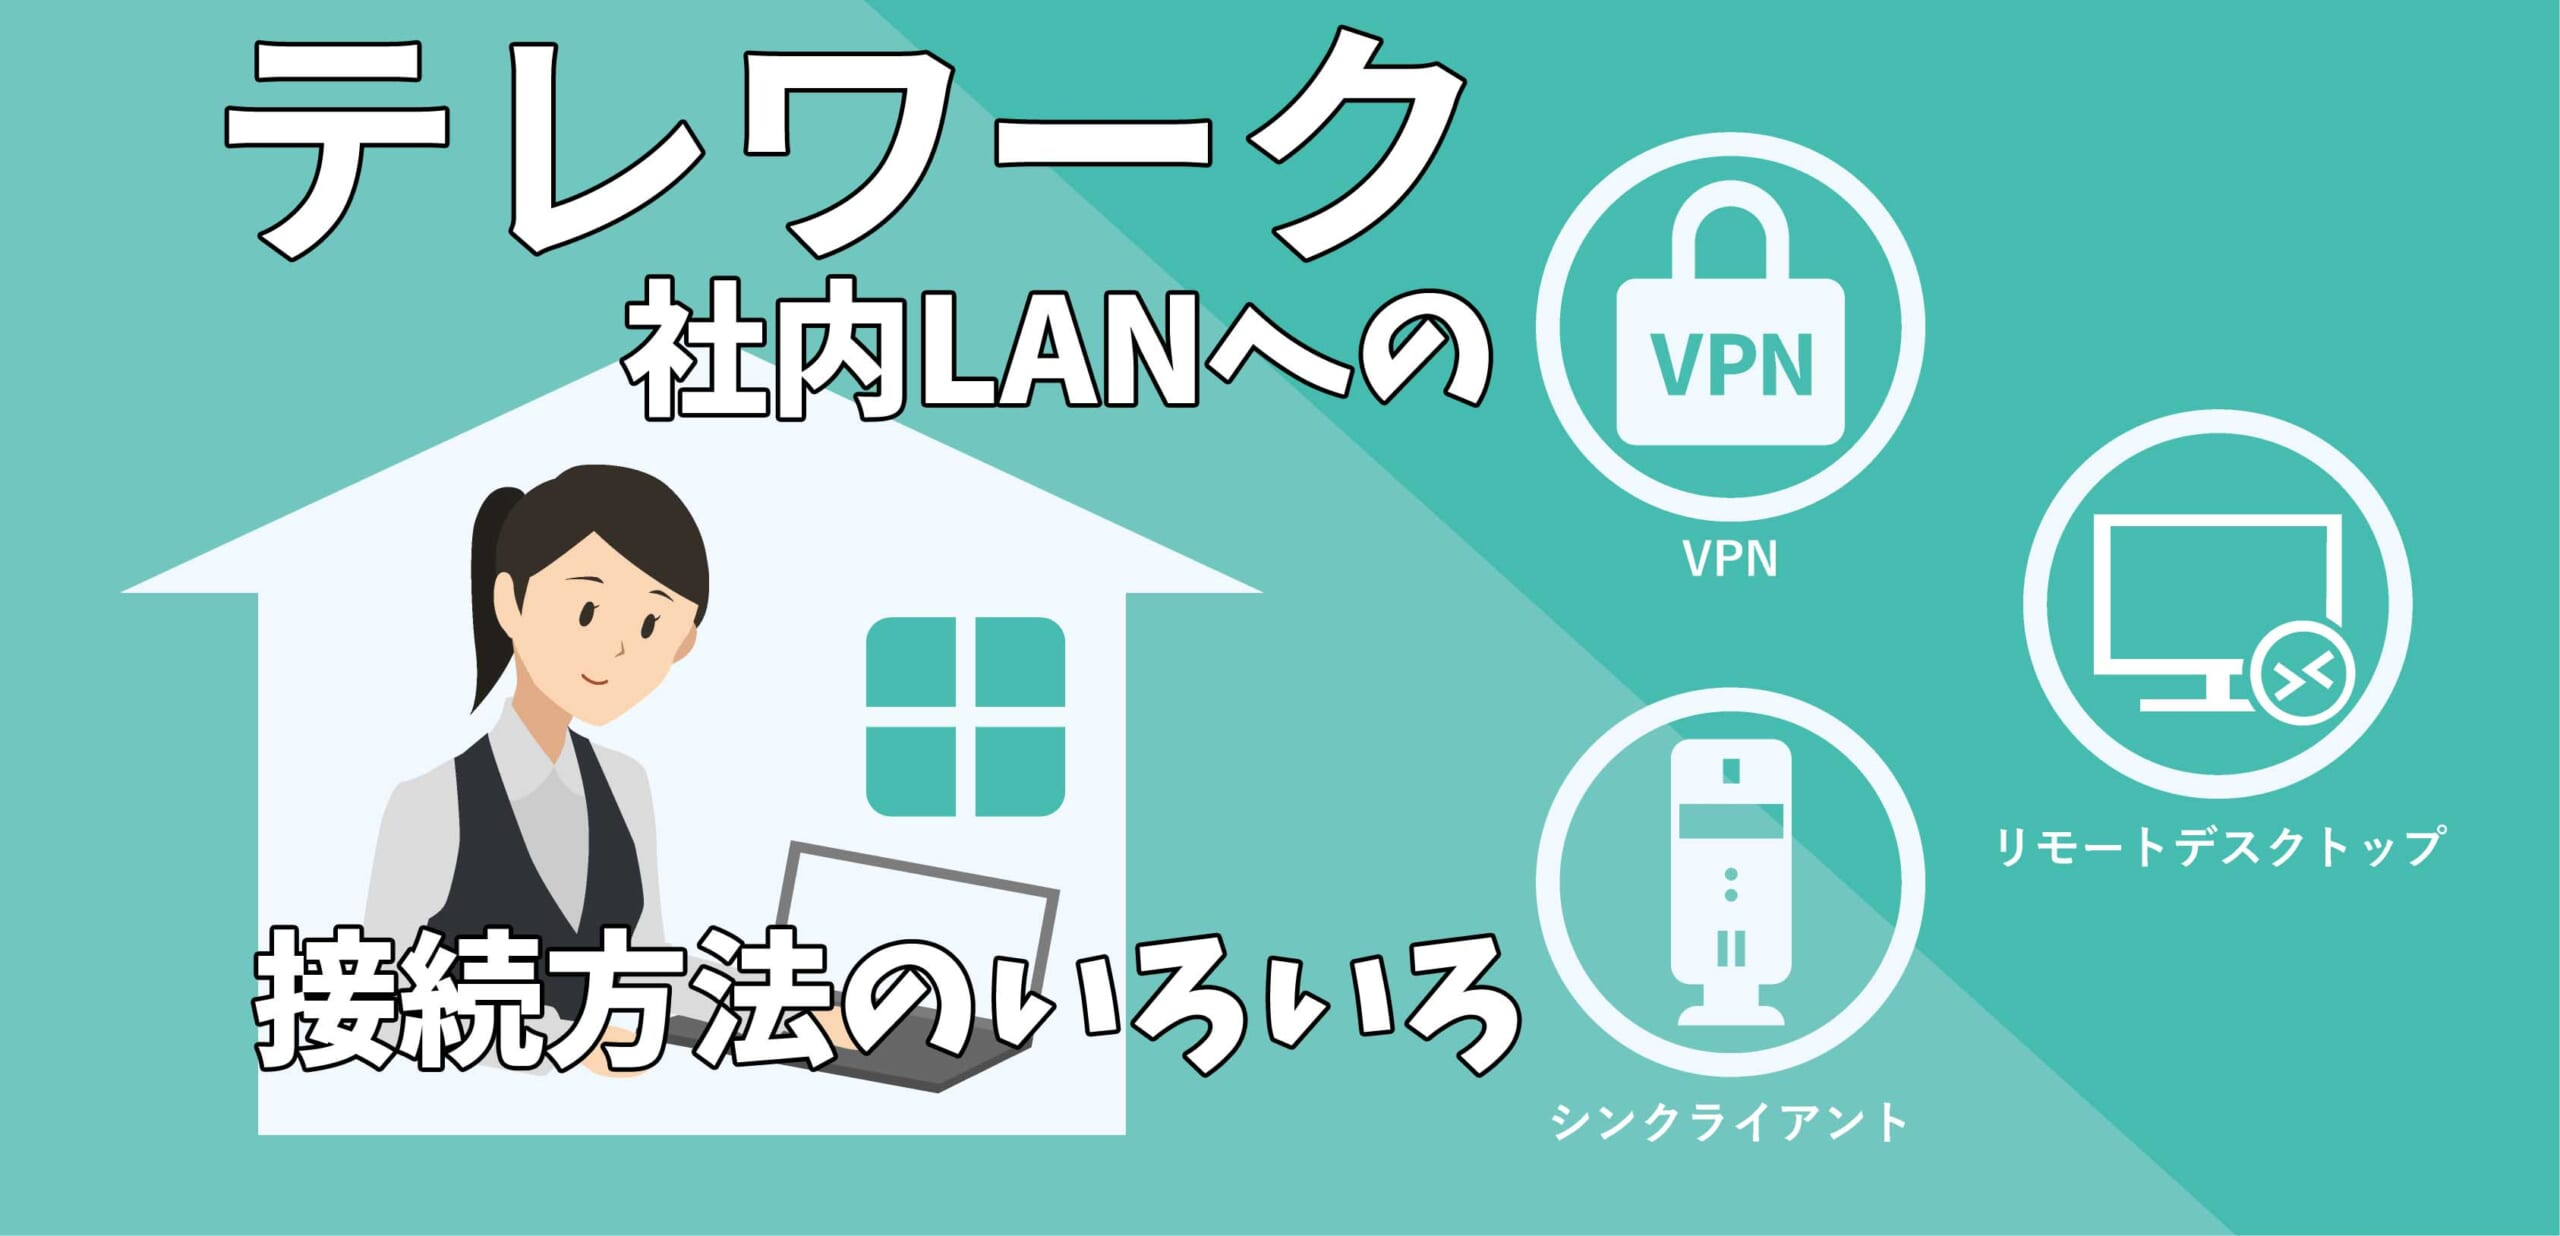 テレワーク !VPNで社内LANに「リモート接続する方法」いろいろ